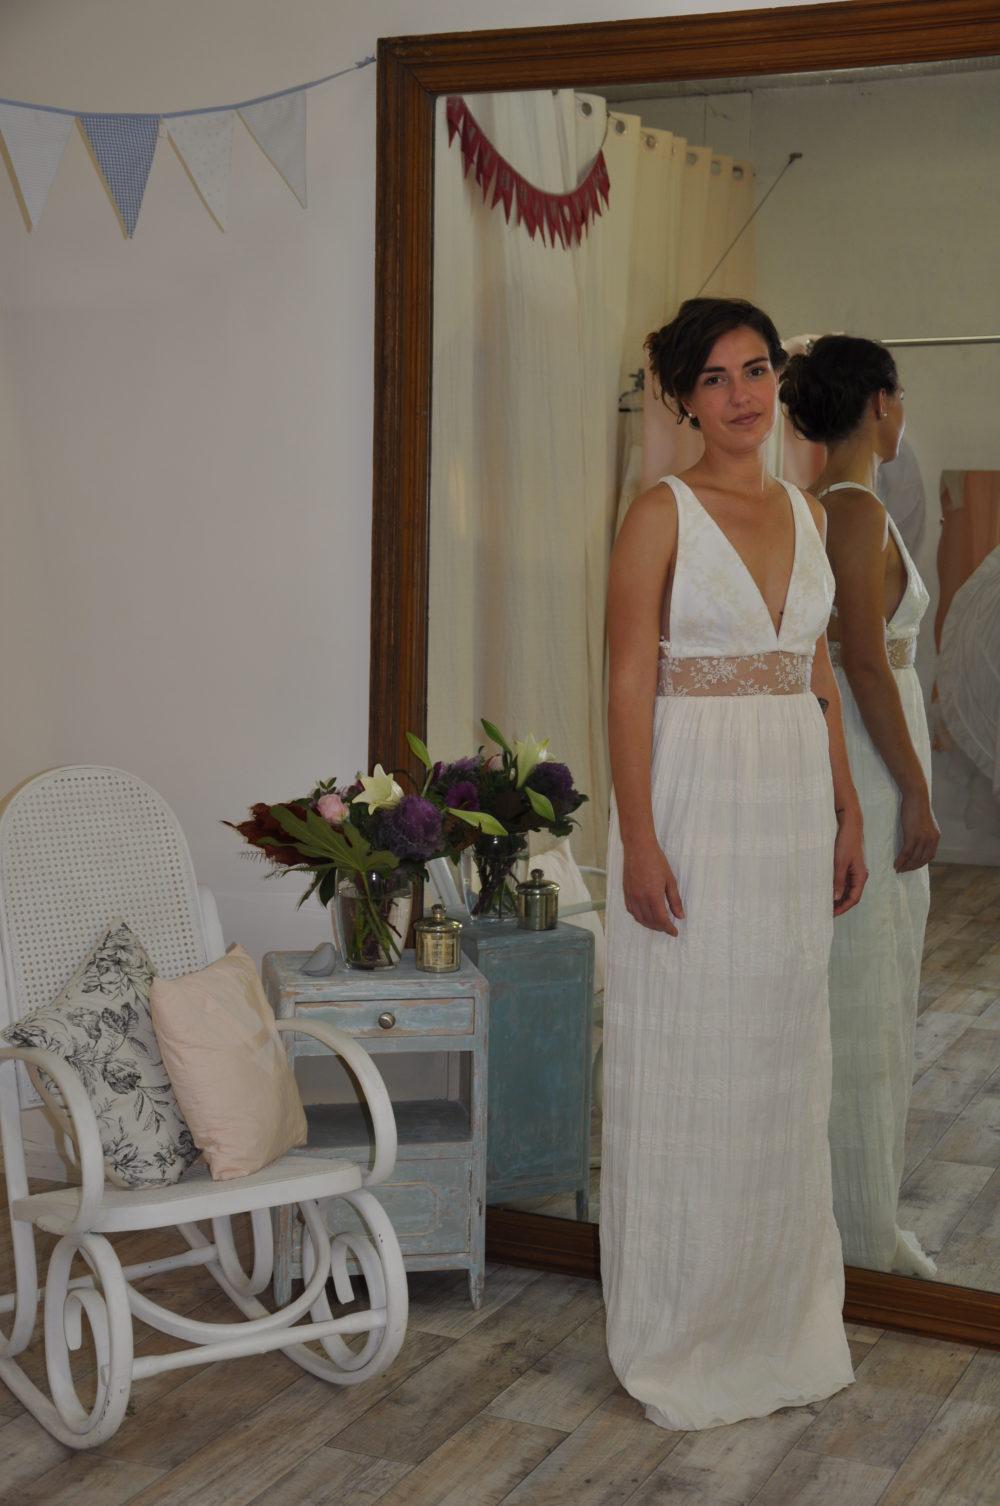 Robe de mariée à domicile - ADELINE - Robe fluide - Boutique de mariage Cholet - Chemillé - Bressuire - Le pin en Mauges